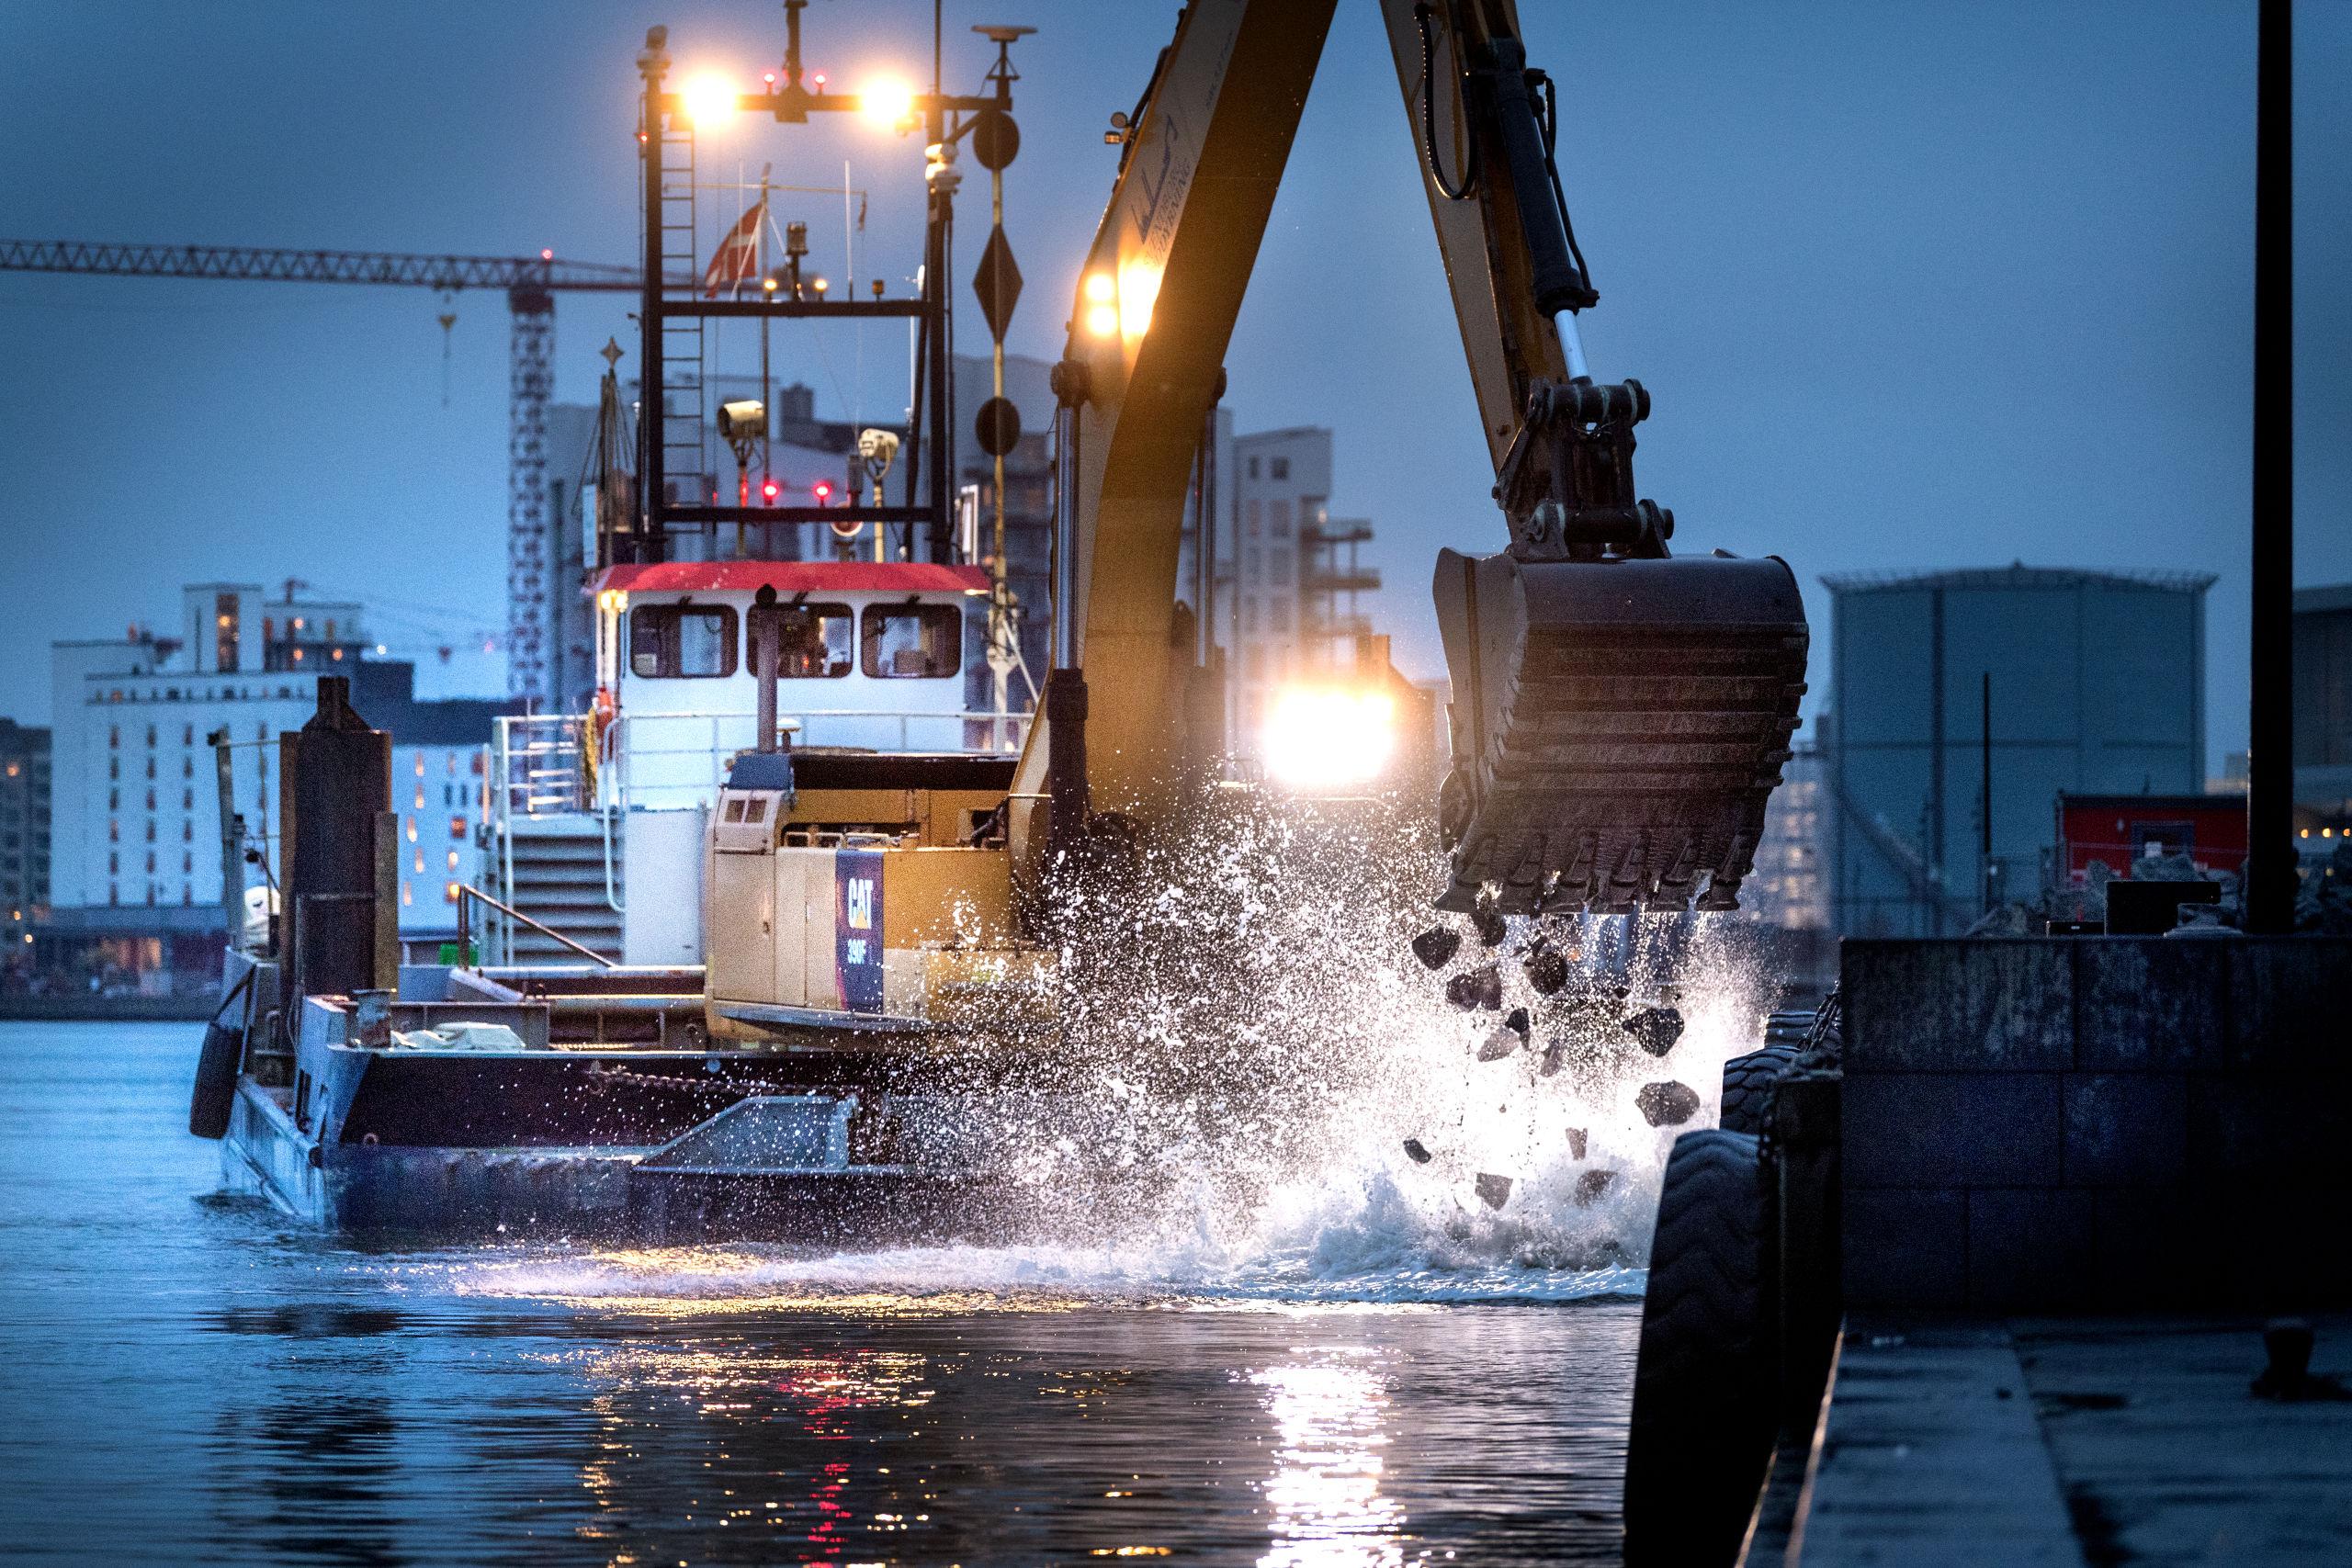 De store huller på fjordbunden skal fyldes op og planeres ud, før man kan gå i gang med at støbe den enorme betonplade, der kommer til at rage ca. 13 meter ud fra selve kajen og som får en længde på ca. 185 meter. Foto: Torben Hansen